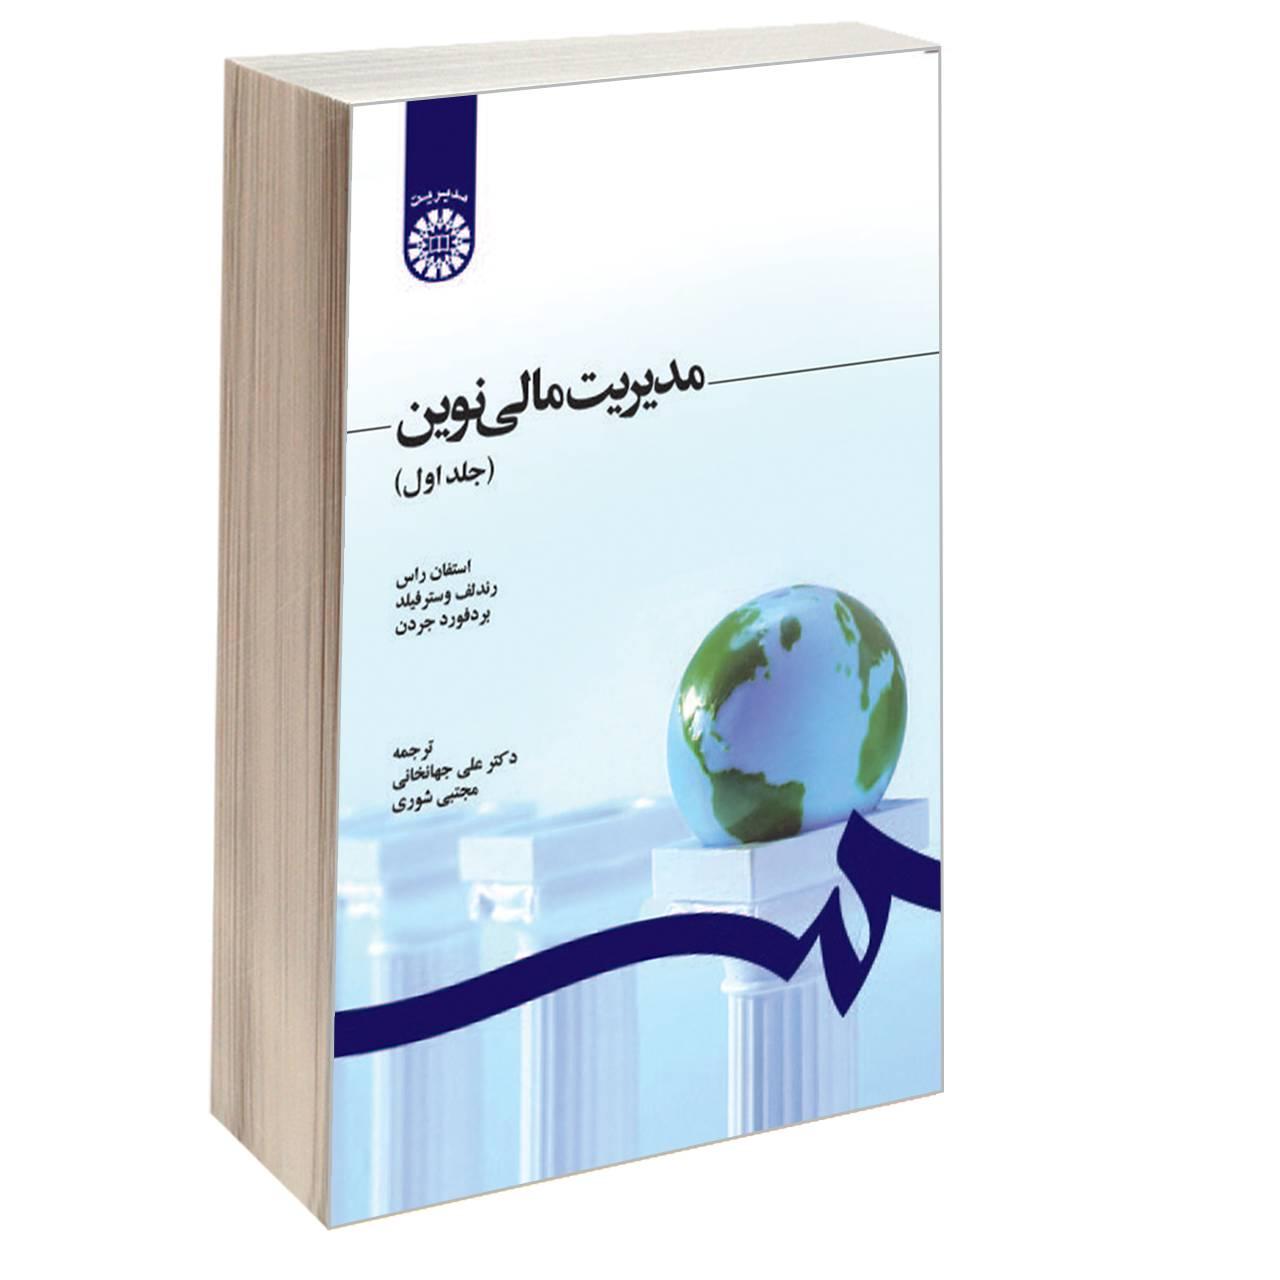 خرید                      کتاب مدیریت مالی نوین اثر جمعی از نویسندگان نشر سمت جلد 1